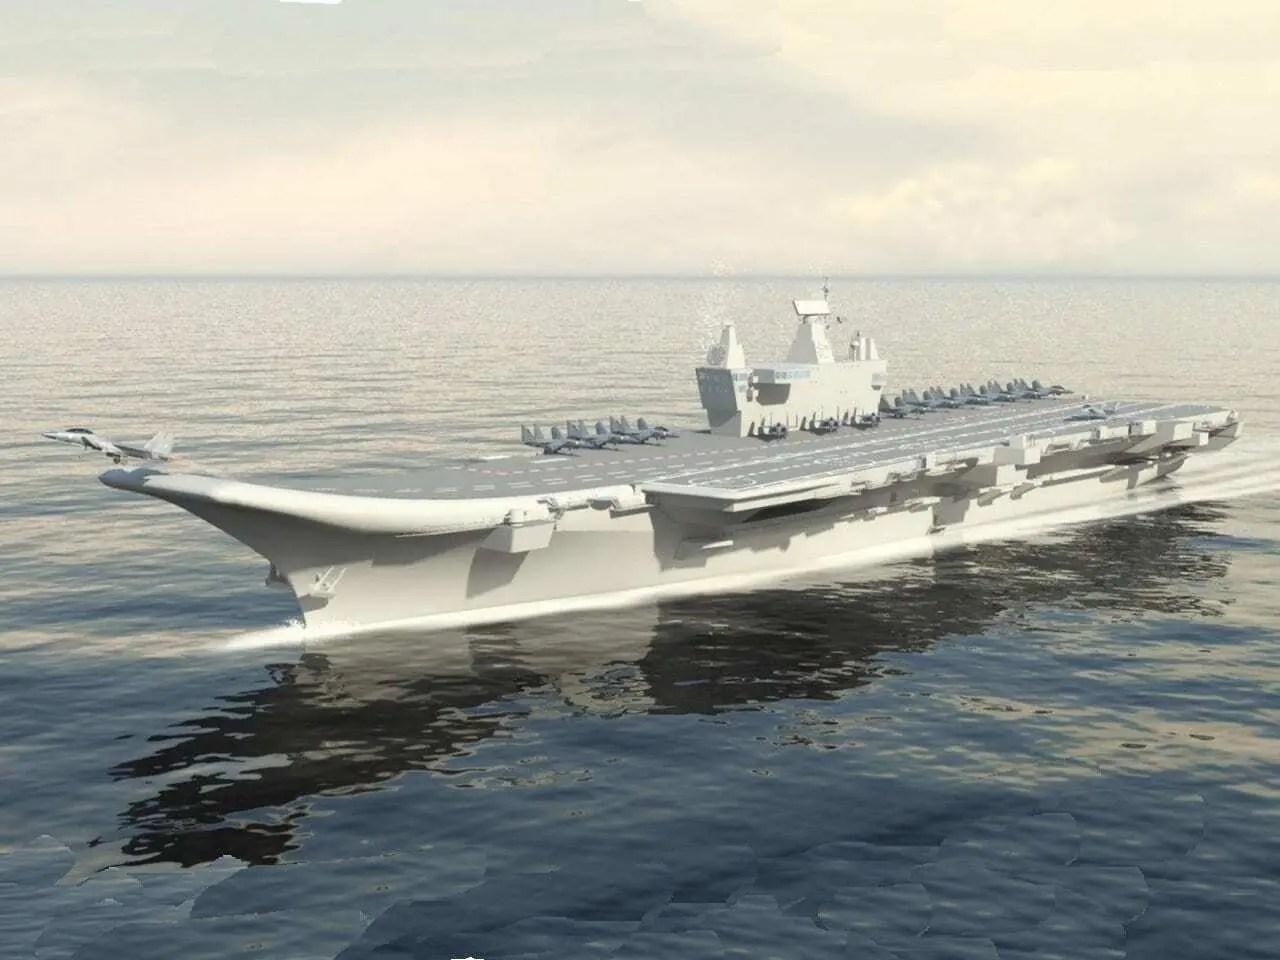 Harrier Carrier: Manutenção em alto mar |LWT Sistemas